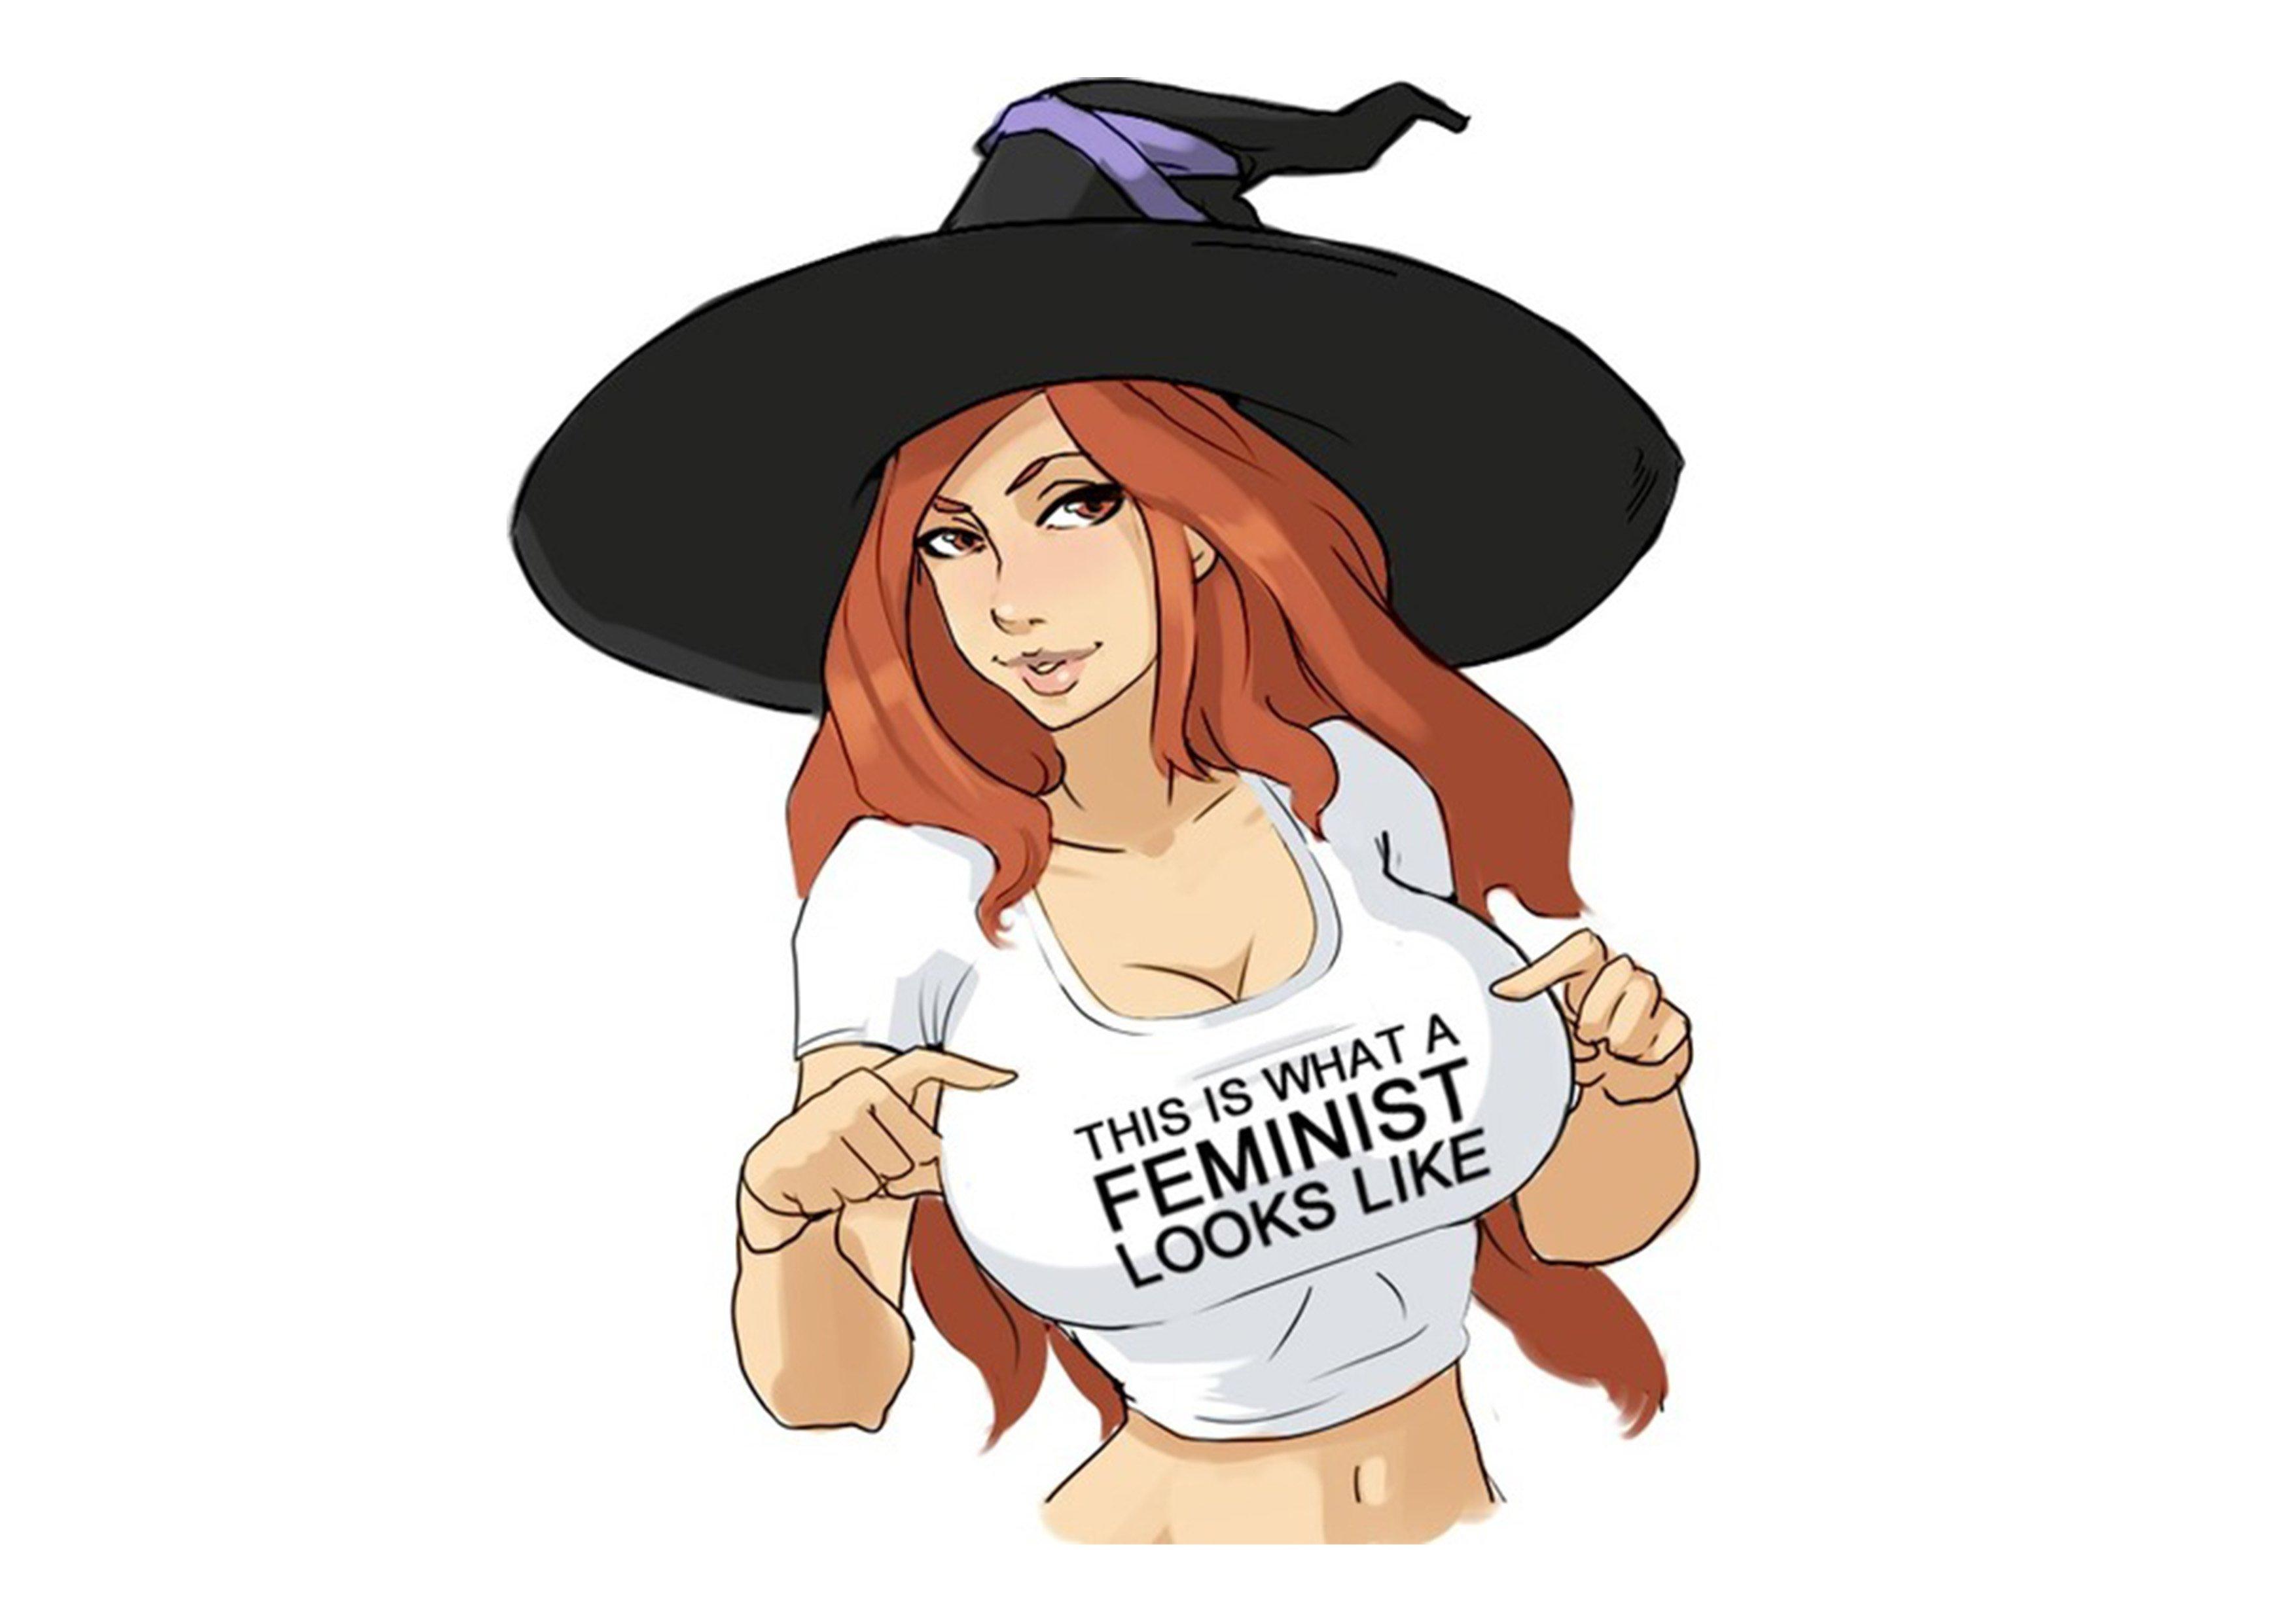 Что общего между феминистками, патриотами и хипстерами - Изображение 1